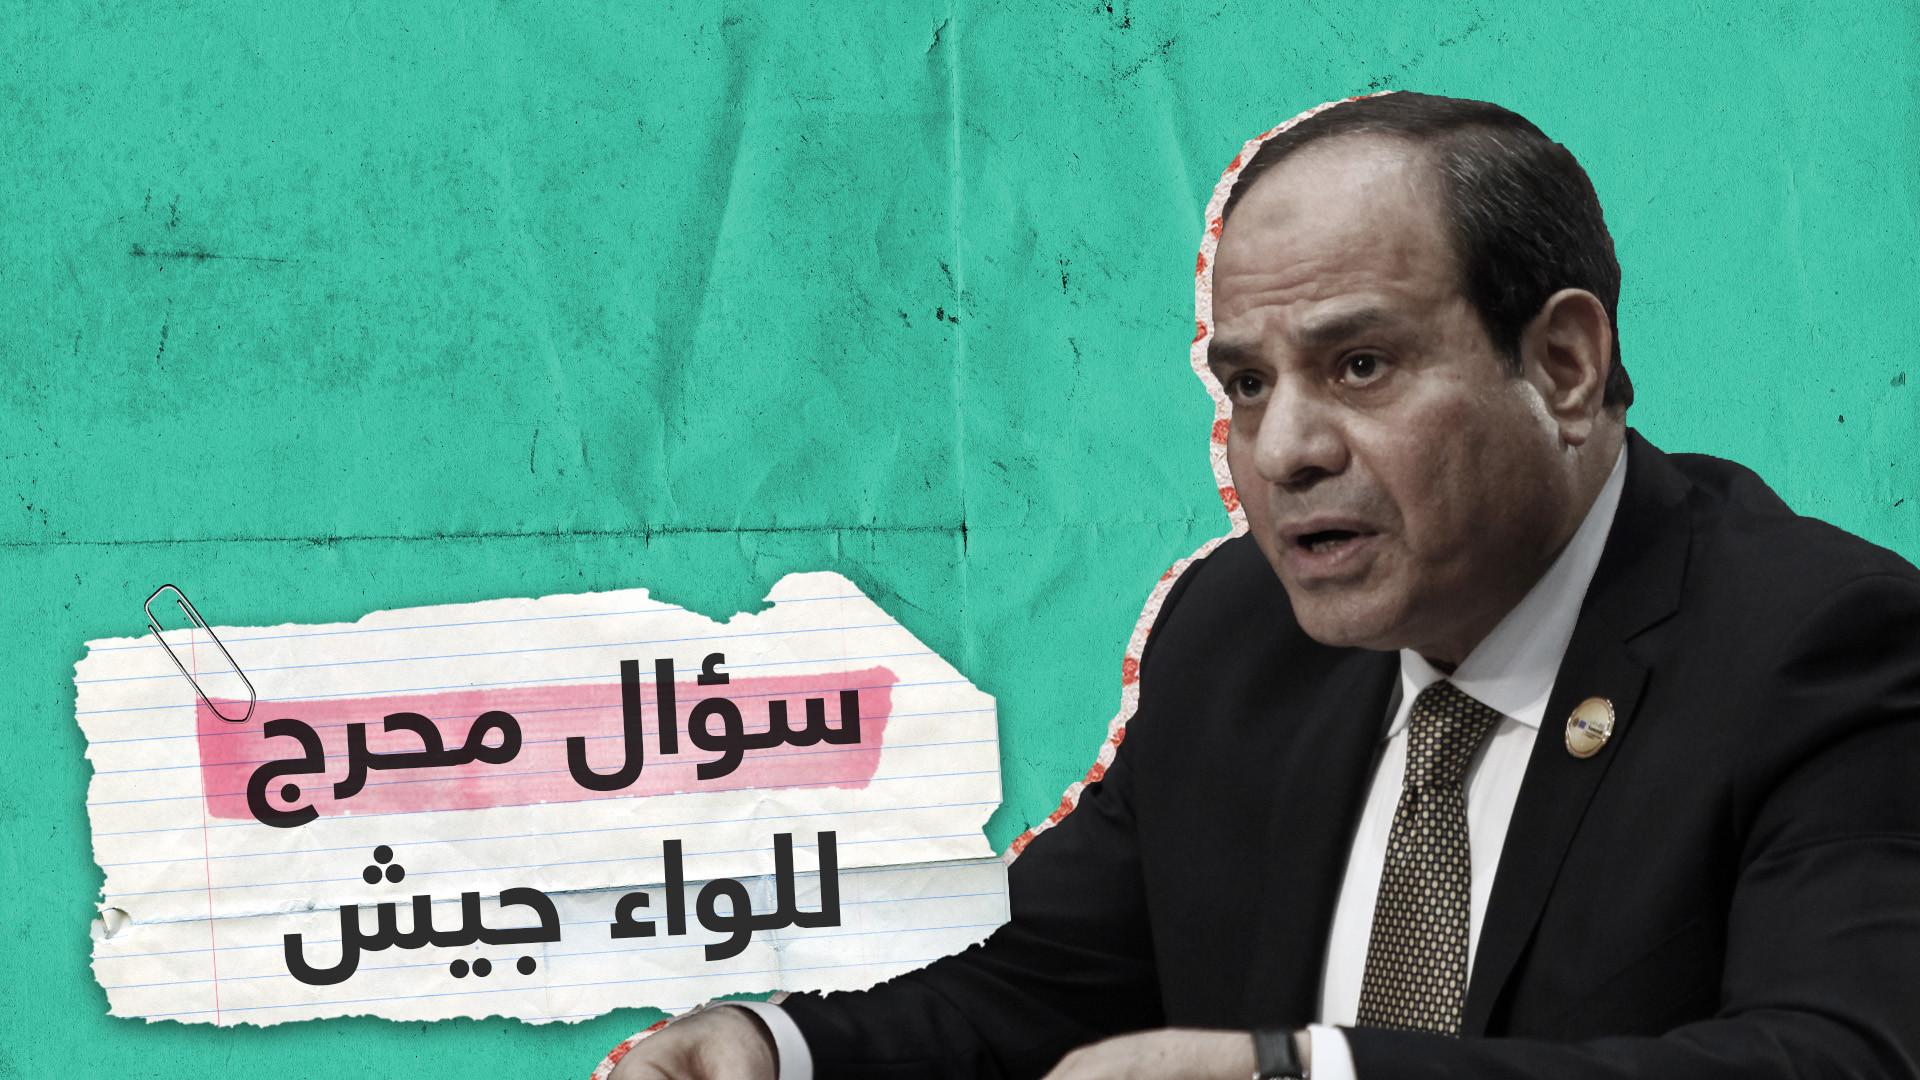 شاهد.. السيسي يفاجئ لواء جيش بسؤال محرج عن راتبه !